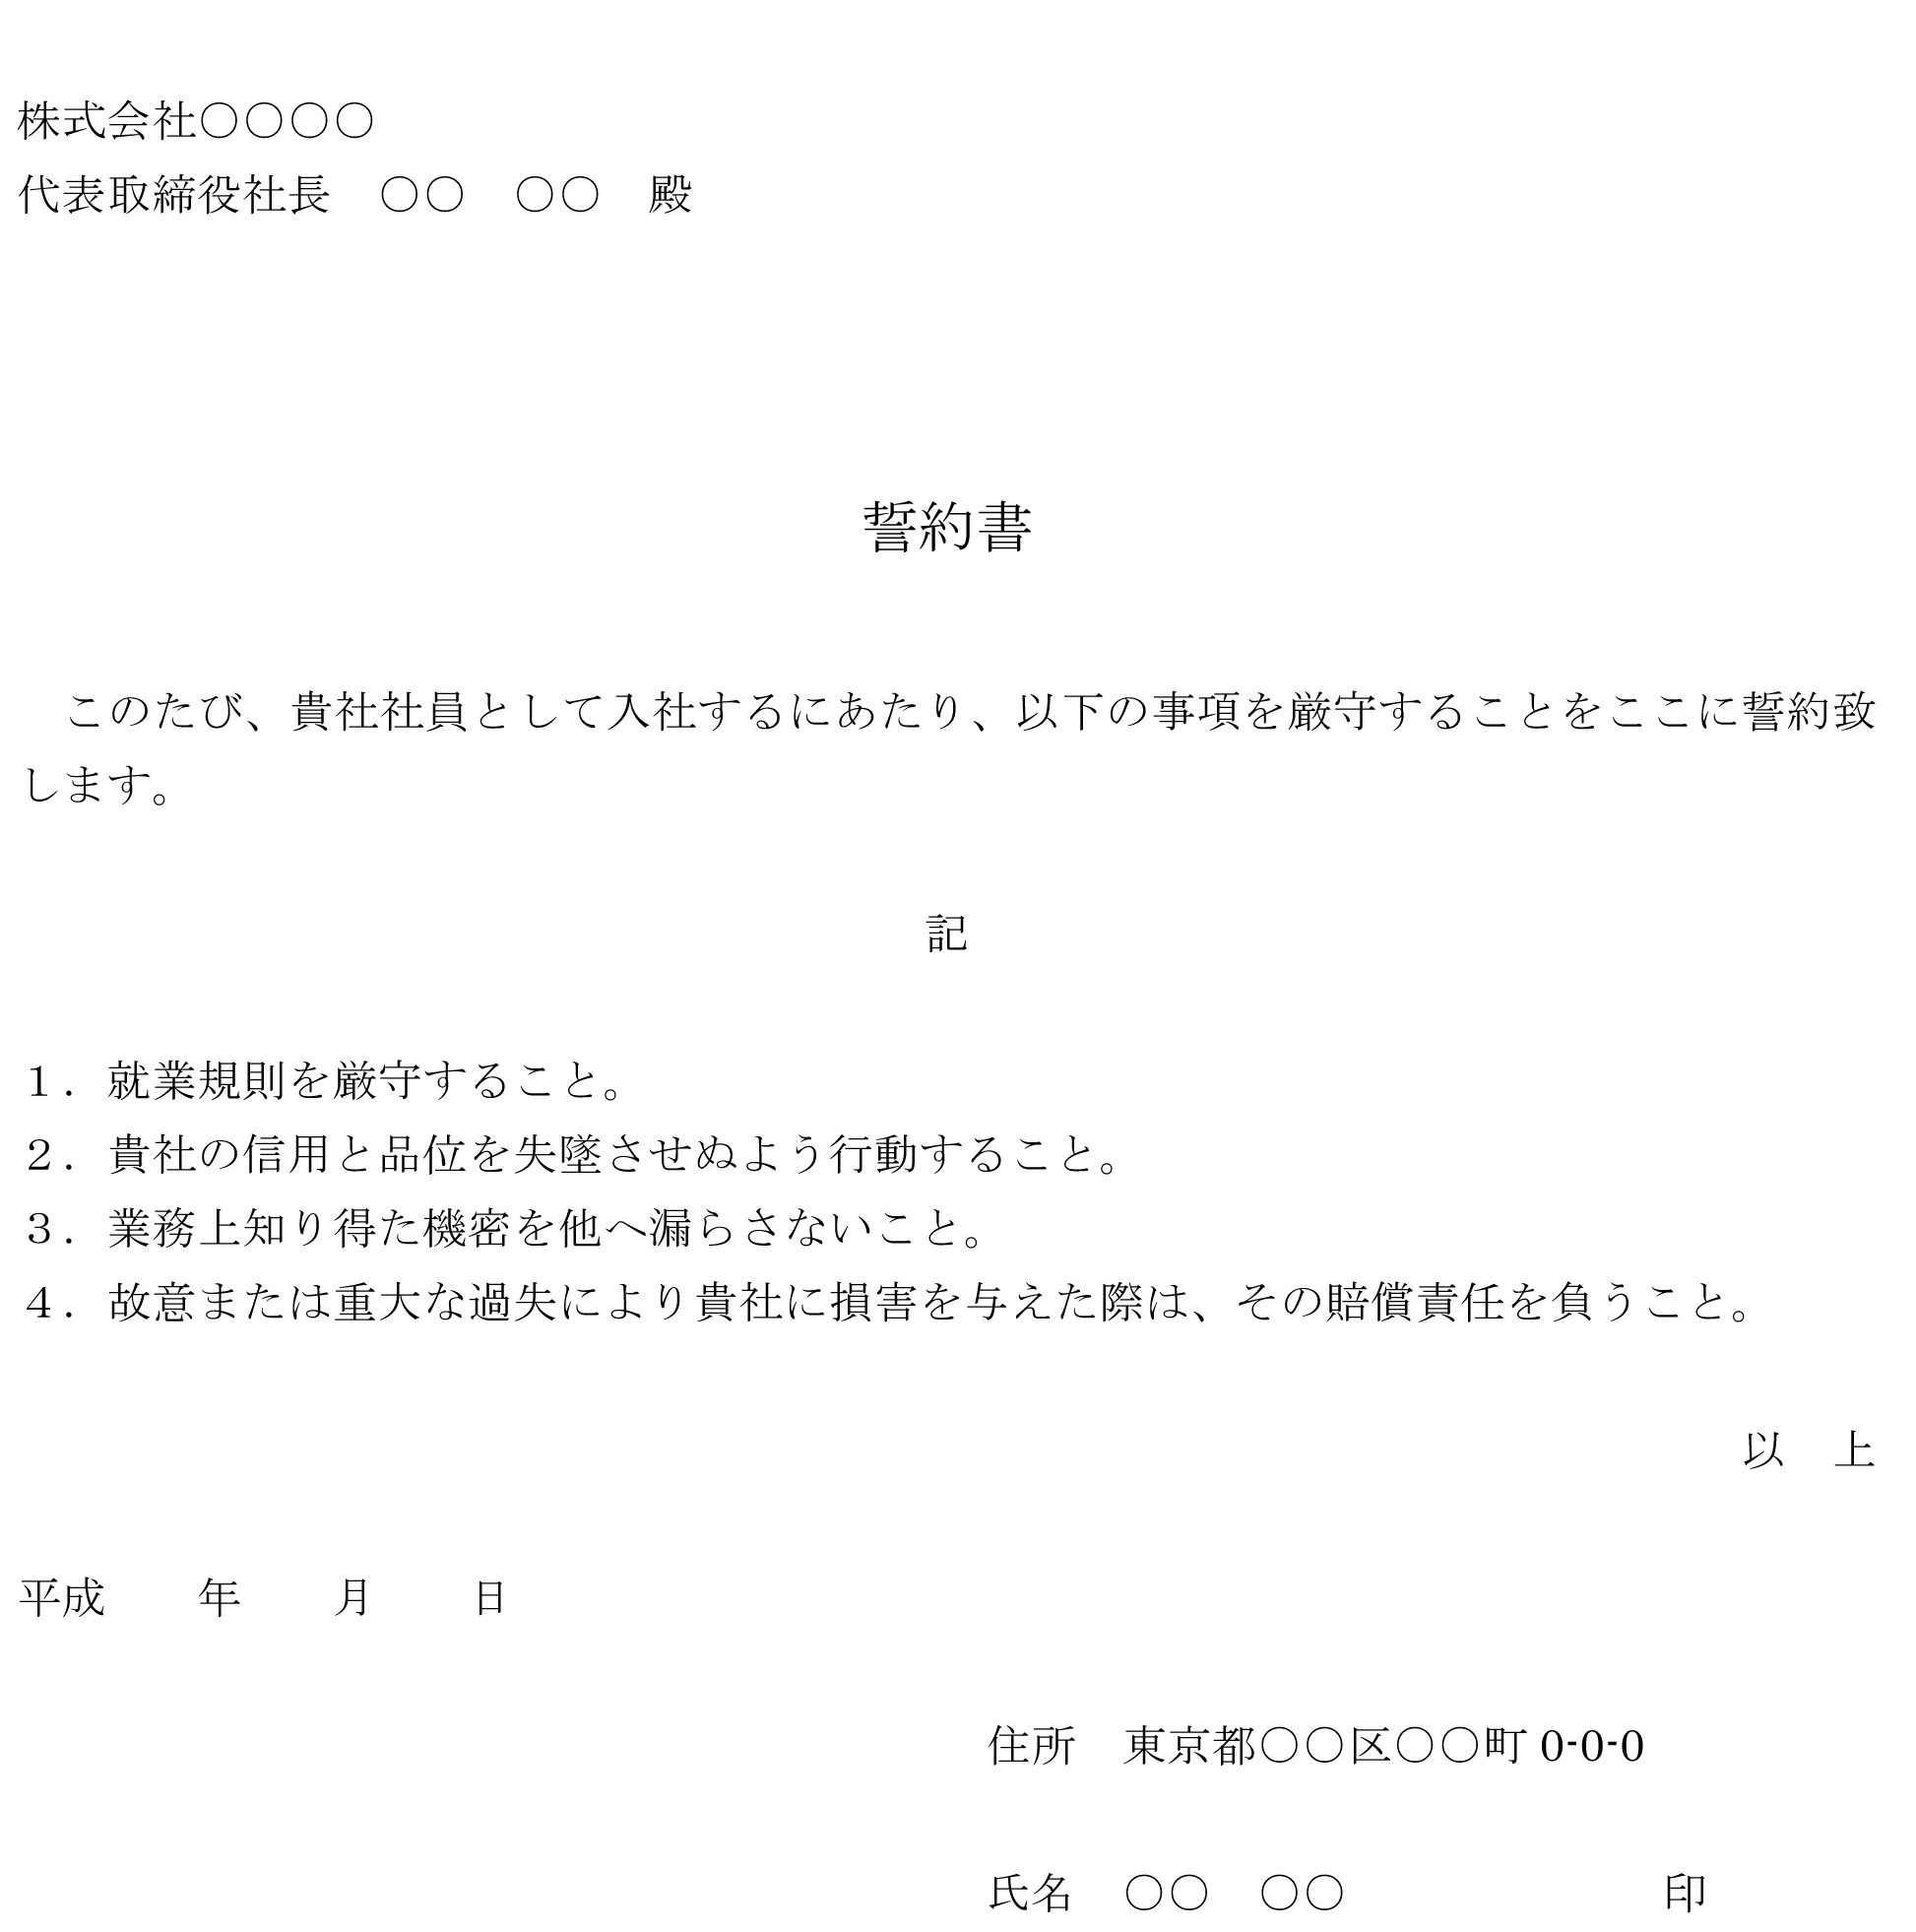 誓約書03